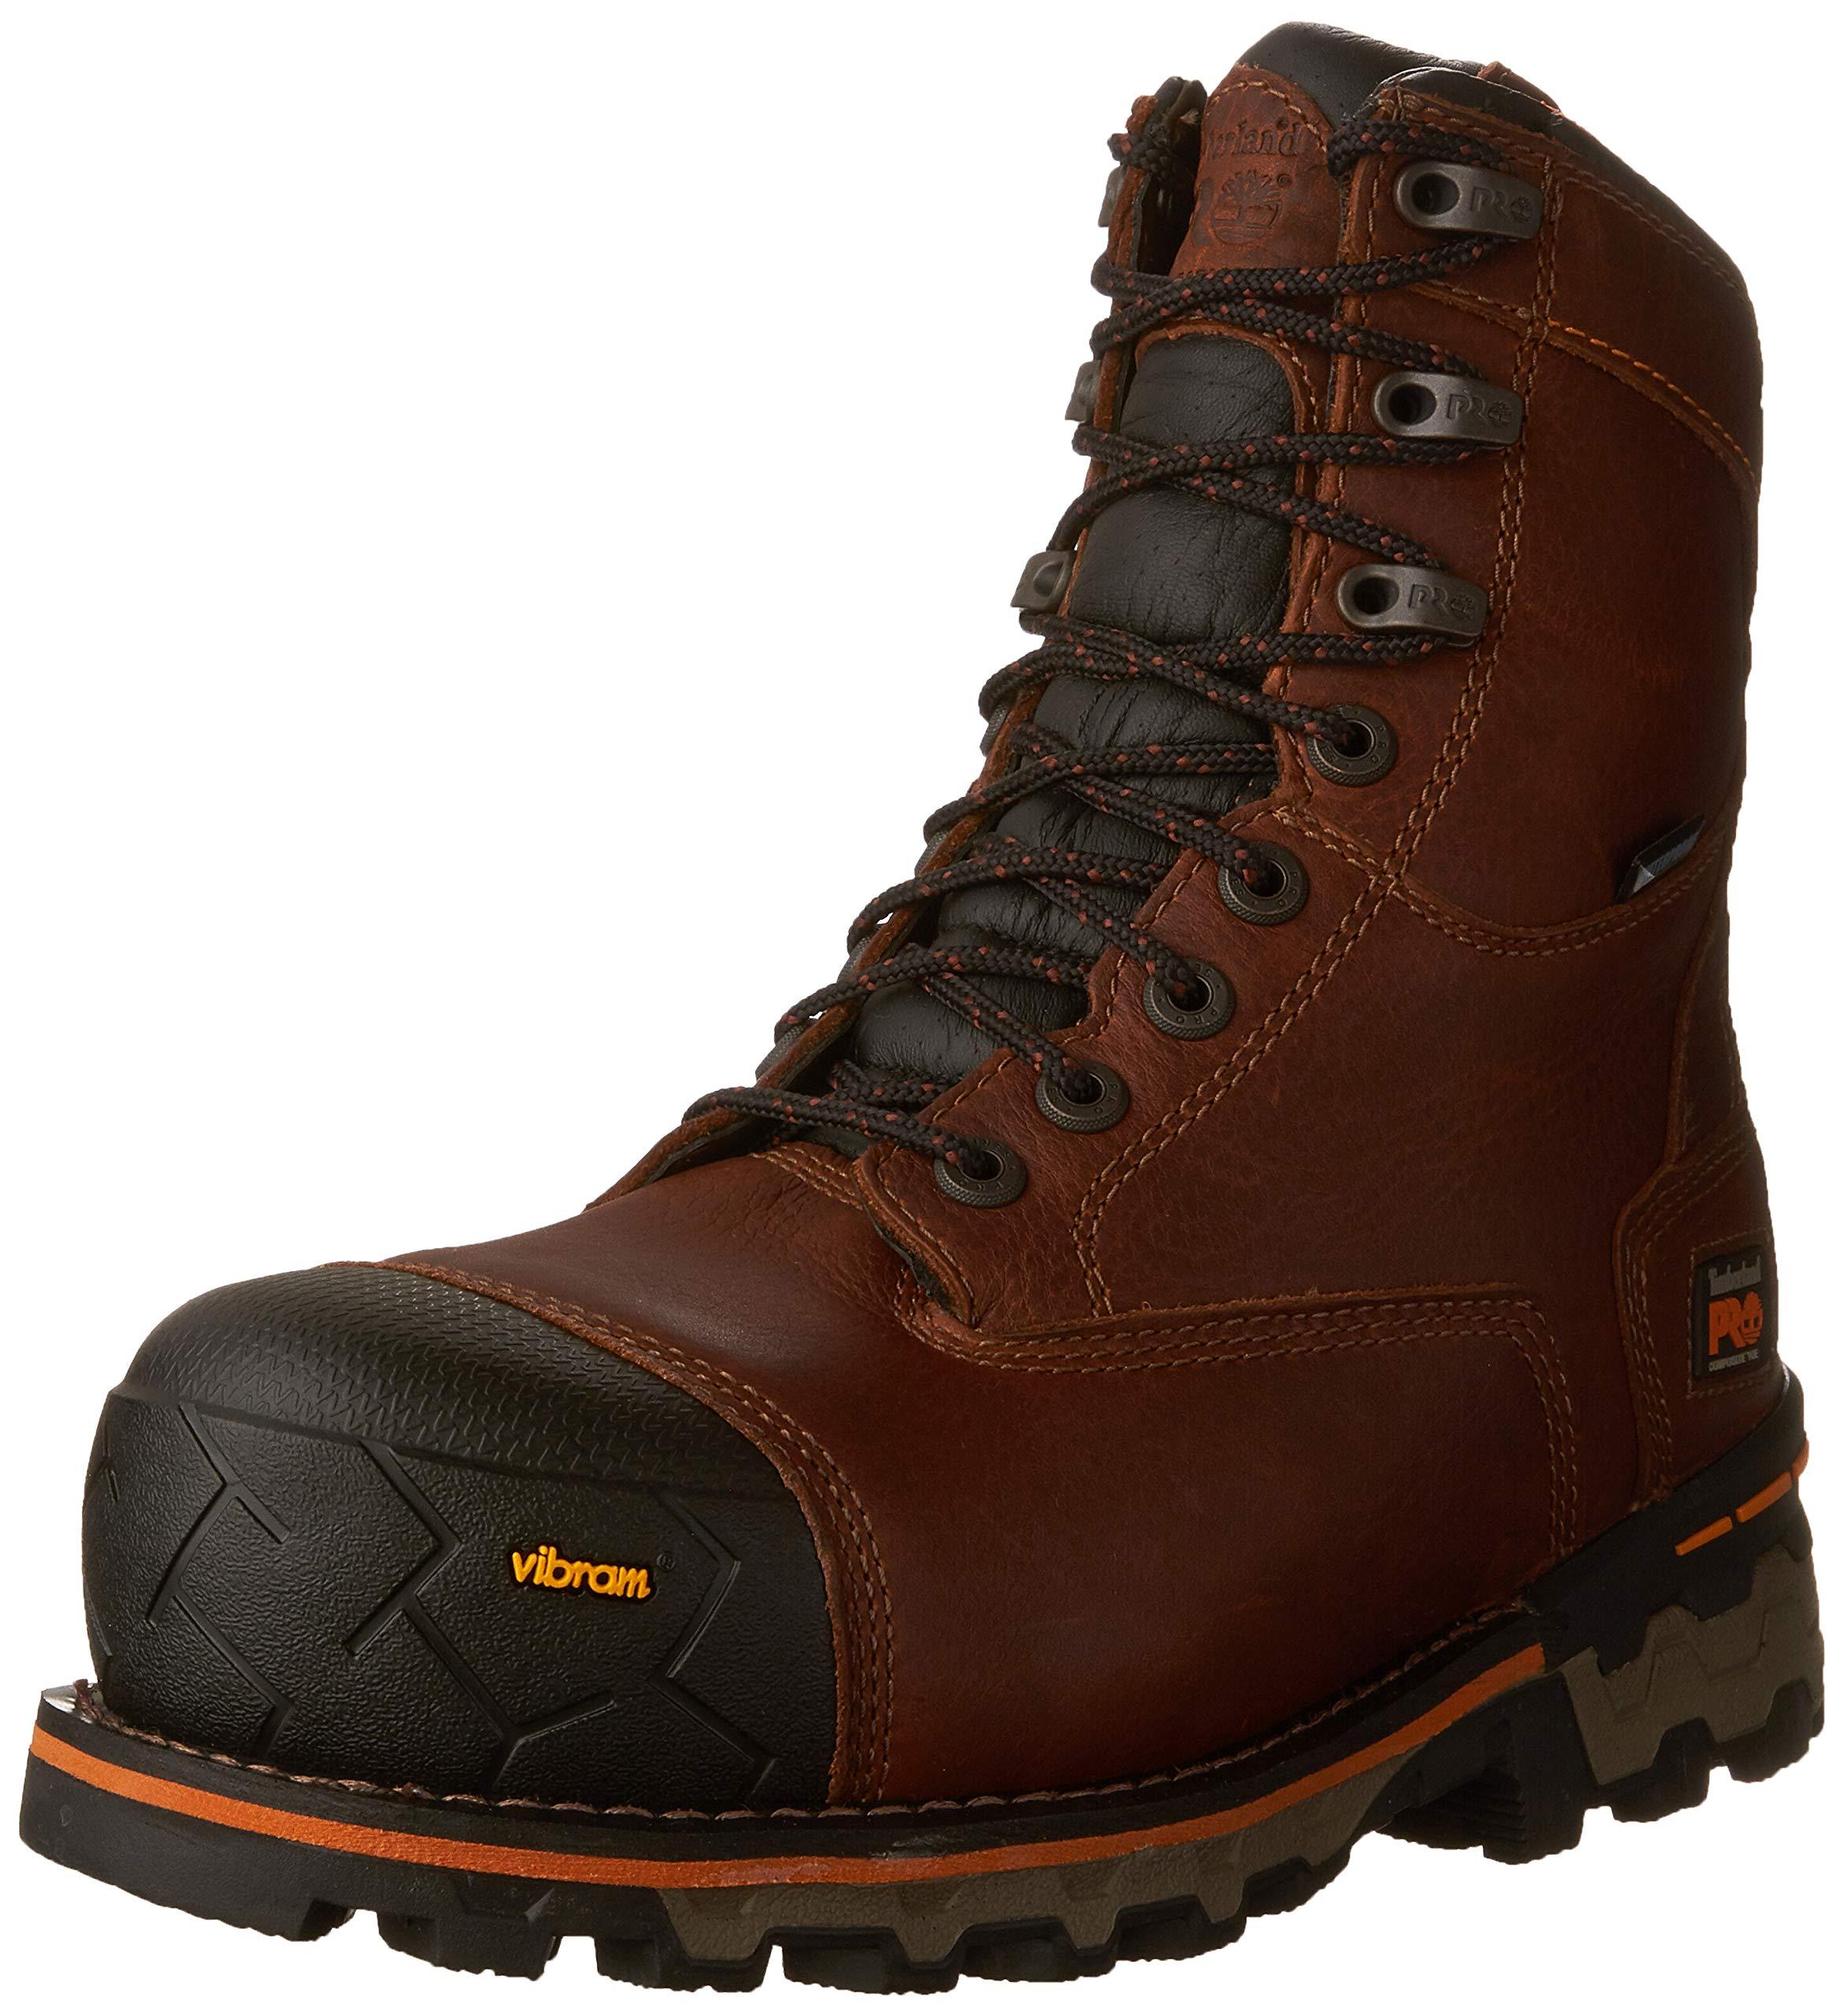 Timberland PRO Men's Boondock 8'' Composite Toe Puncture Resistant Waterproof Industrial Boot, Brown 8 W US